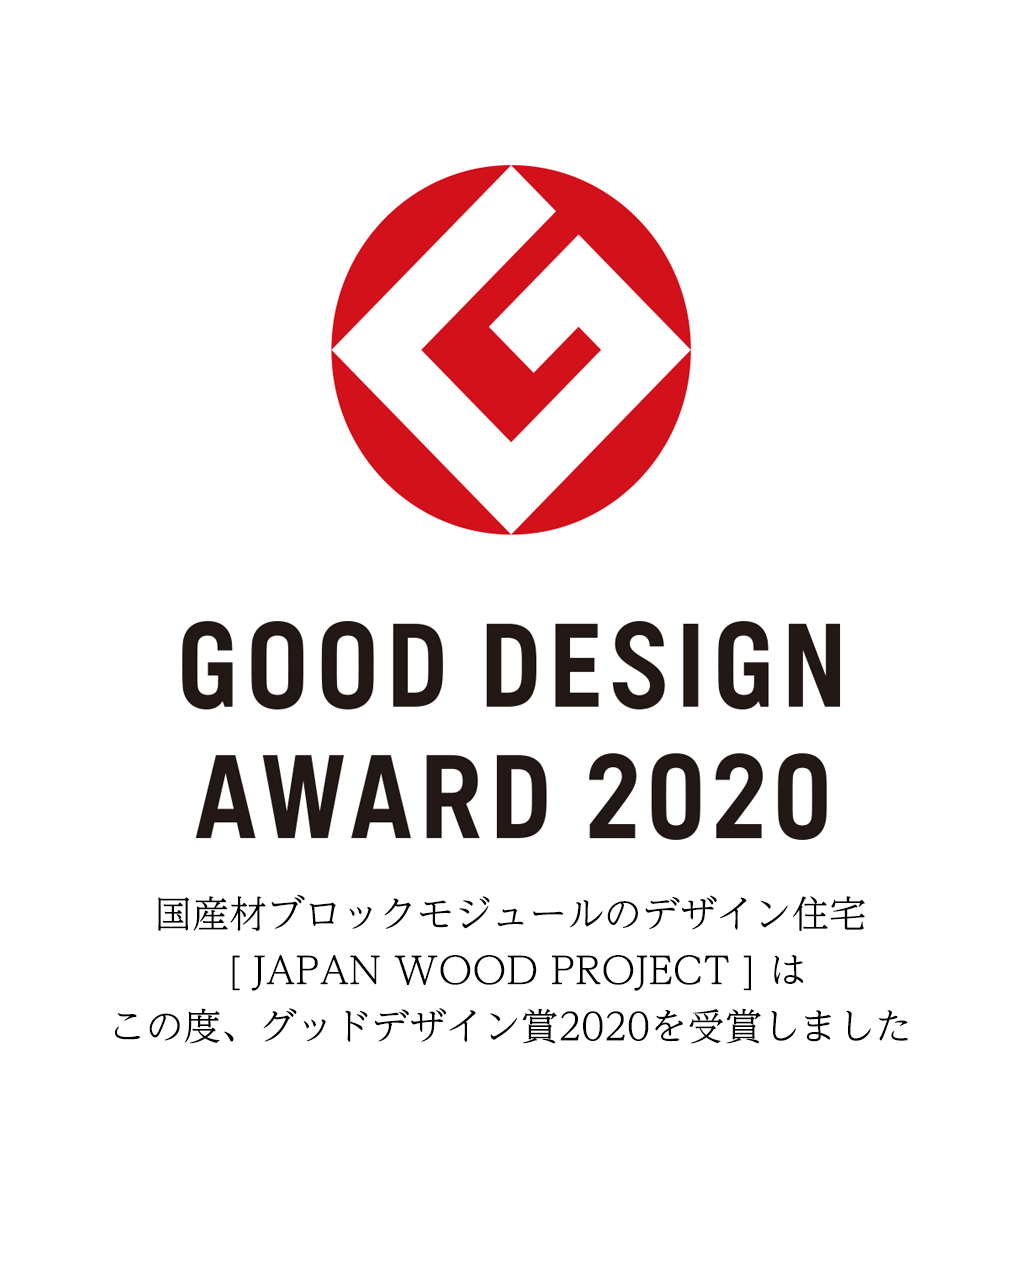 2020年度 グッドデザイン賞 受賞!